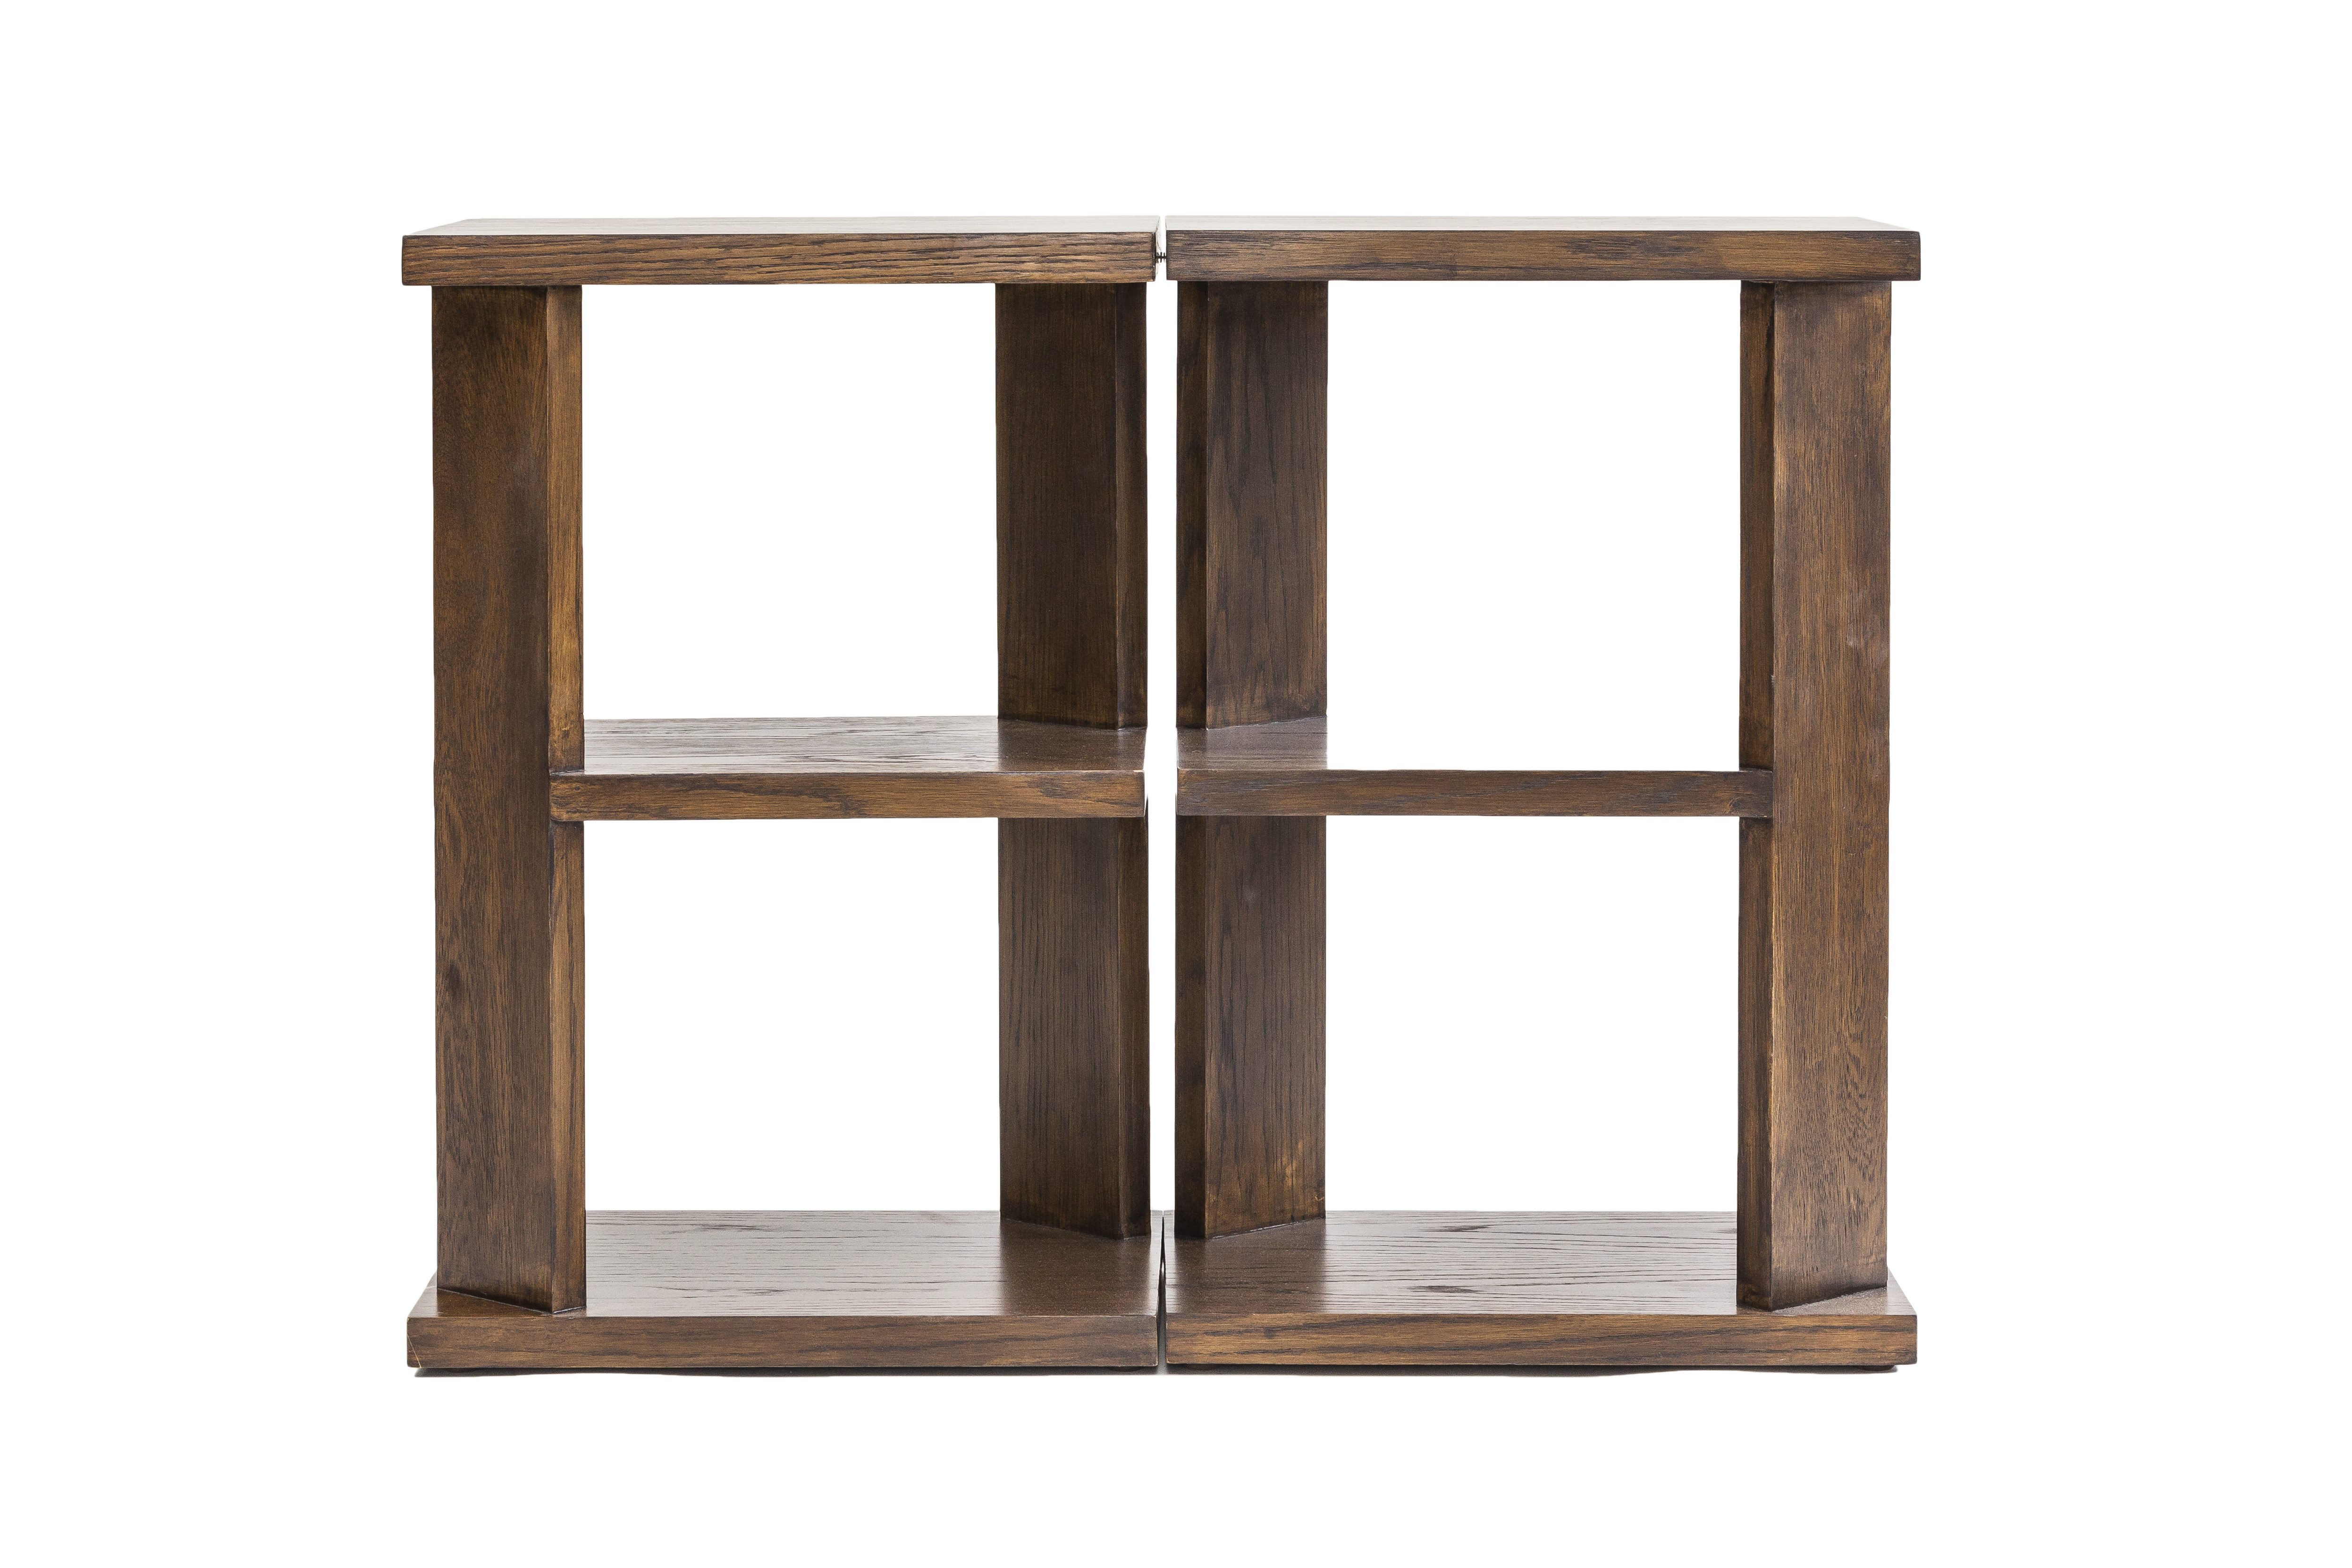 Huniford - Trimble Table